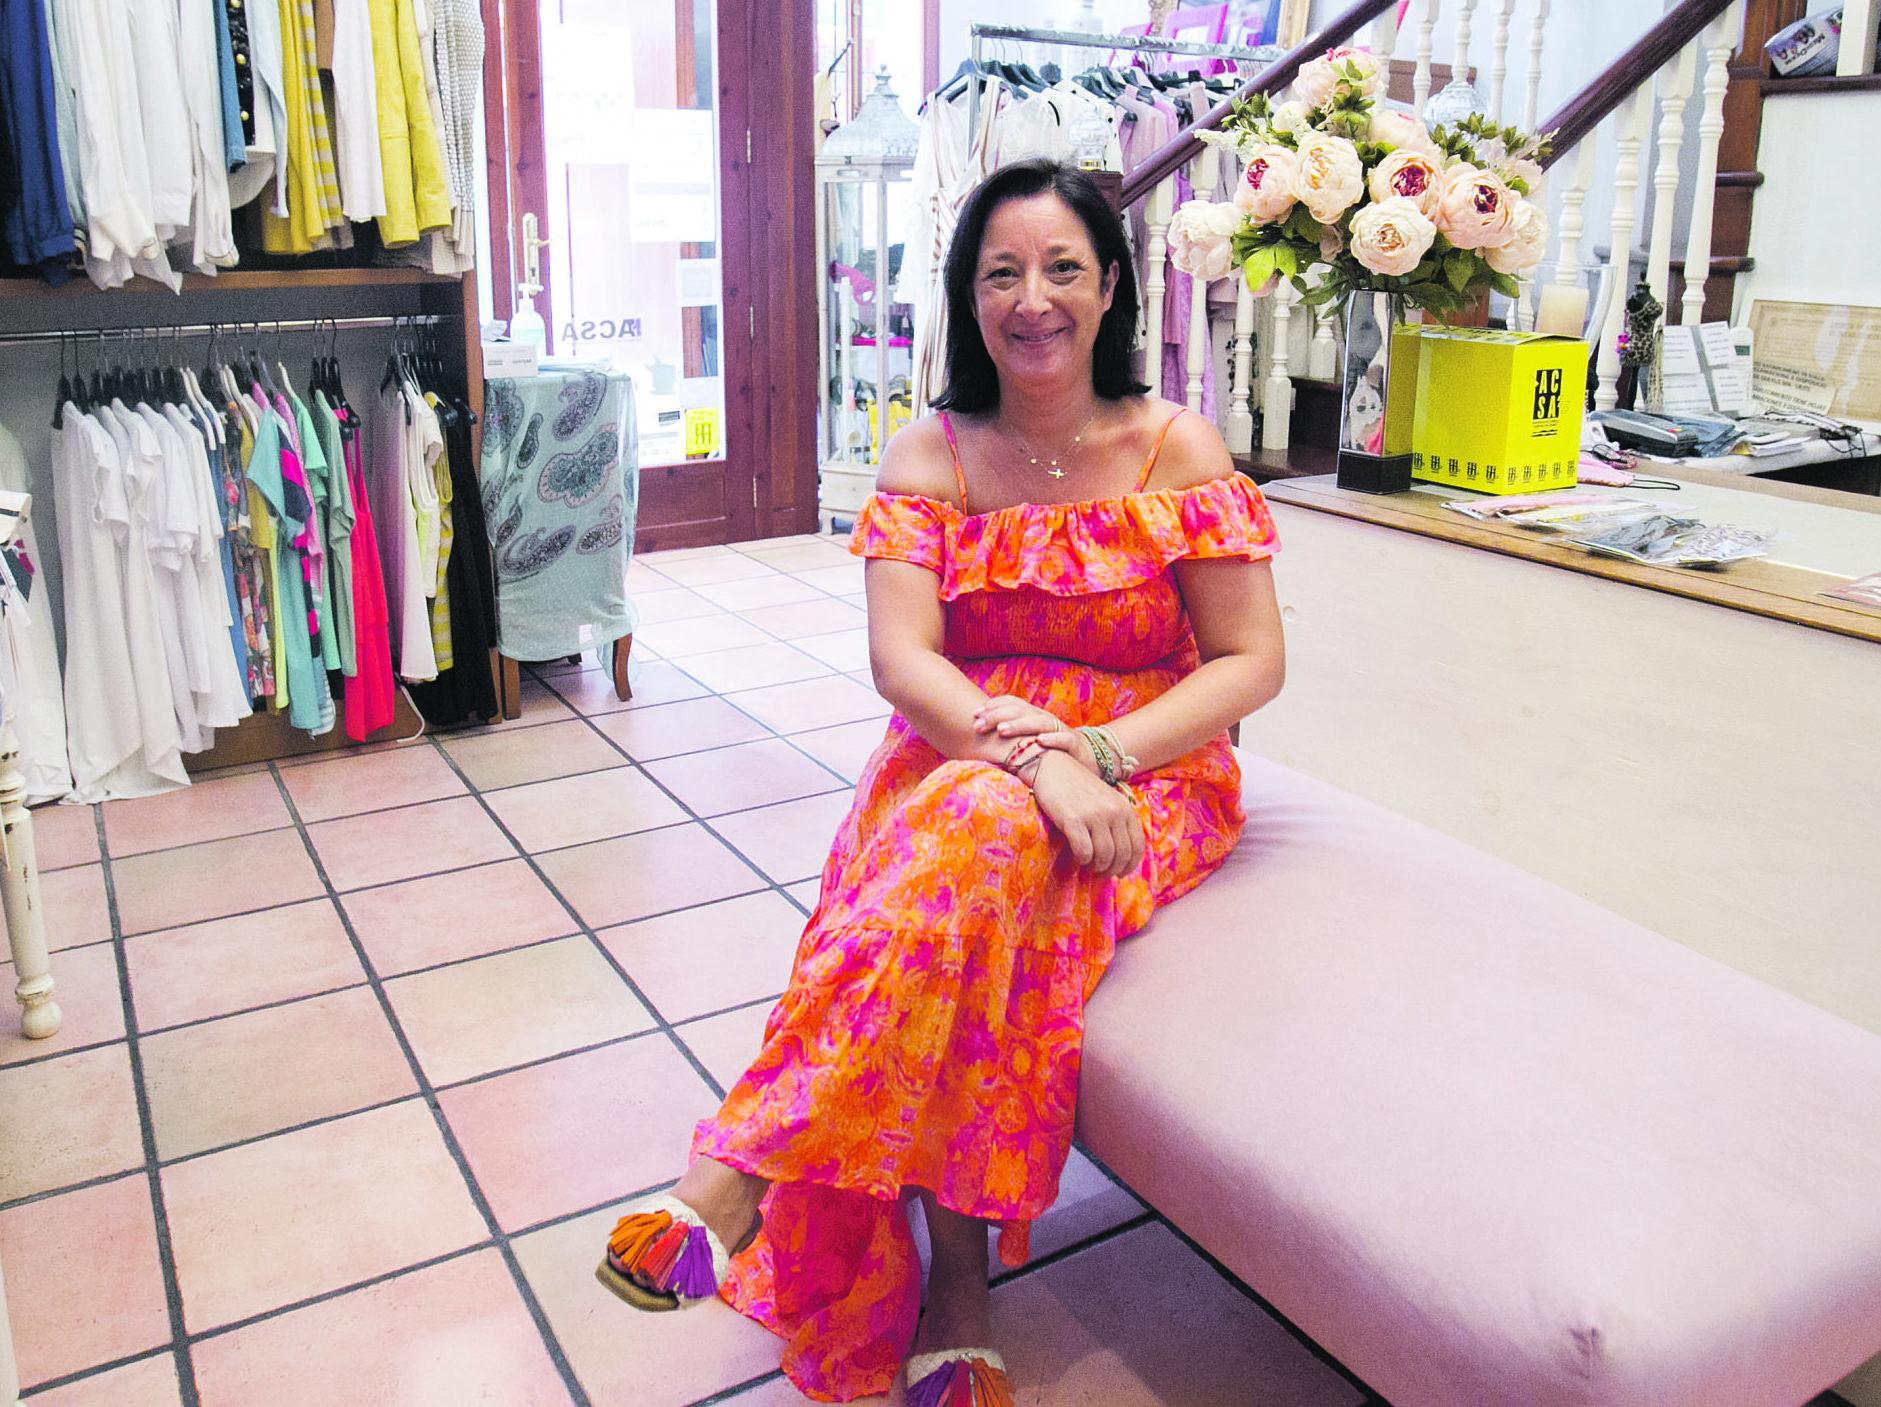 carmen tienda de ropa moises castell agencia prensa2